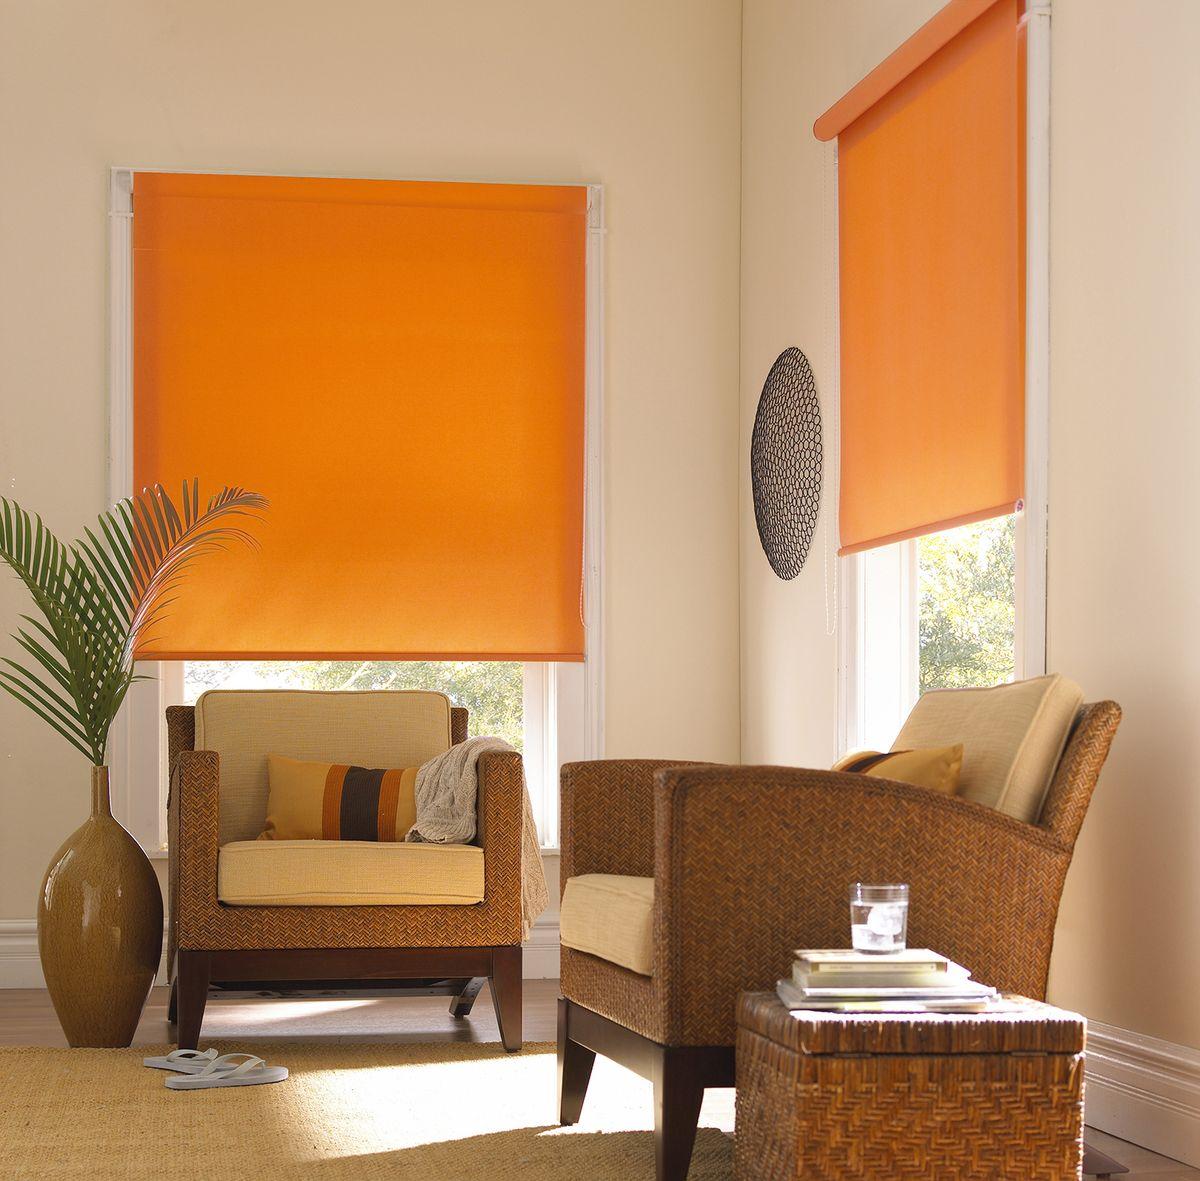 Штора рулонная Эскар Миниролло. Однотонные, цвет: апельсин, ширина 37 см, высота 170 см31203037170Рулонная штора Эскар Миниролло выполнена из высокопрочной ткани,которая сохраняет свой размер даже при намокании. Ткань не выцветает иобладает отличной цветоустойчивостью.Миниролло - это подвид рулонных штор, который закрывает не весь оконныйпроем, а непосредственно само стекло. Такие шторы крепятся на раму безсверления при помощи зажимов или клейкой двухсторонней ленты (в комплекте).Окно остаетсяна гарантии, благодаря монтажу без сверления.Такая штора станет прекрасным элементом декора окна и гармонично впишется винтерьер любого помещения.